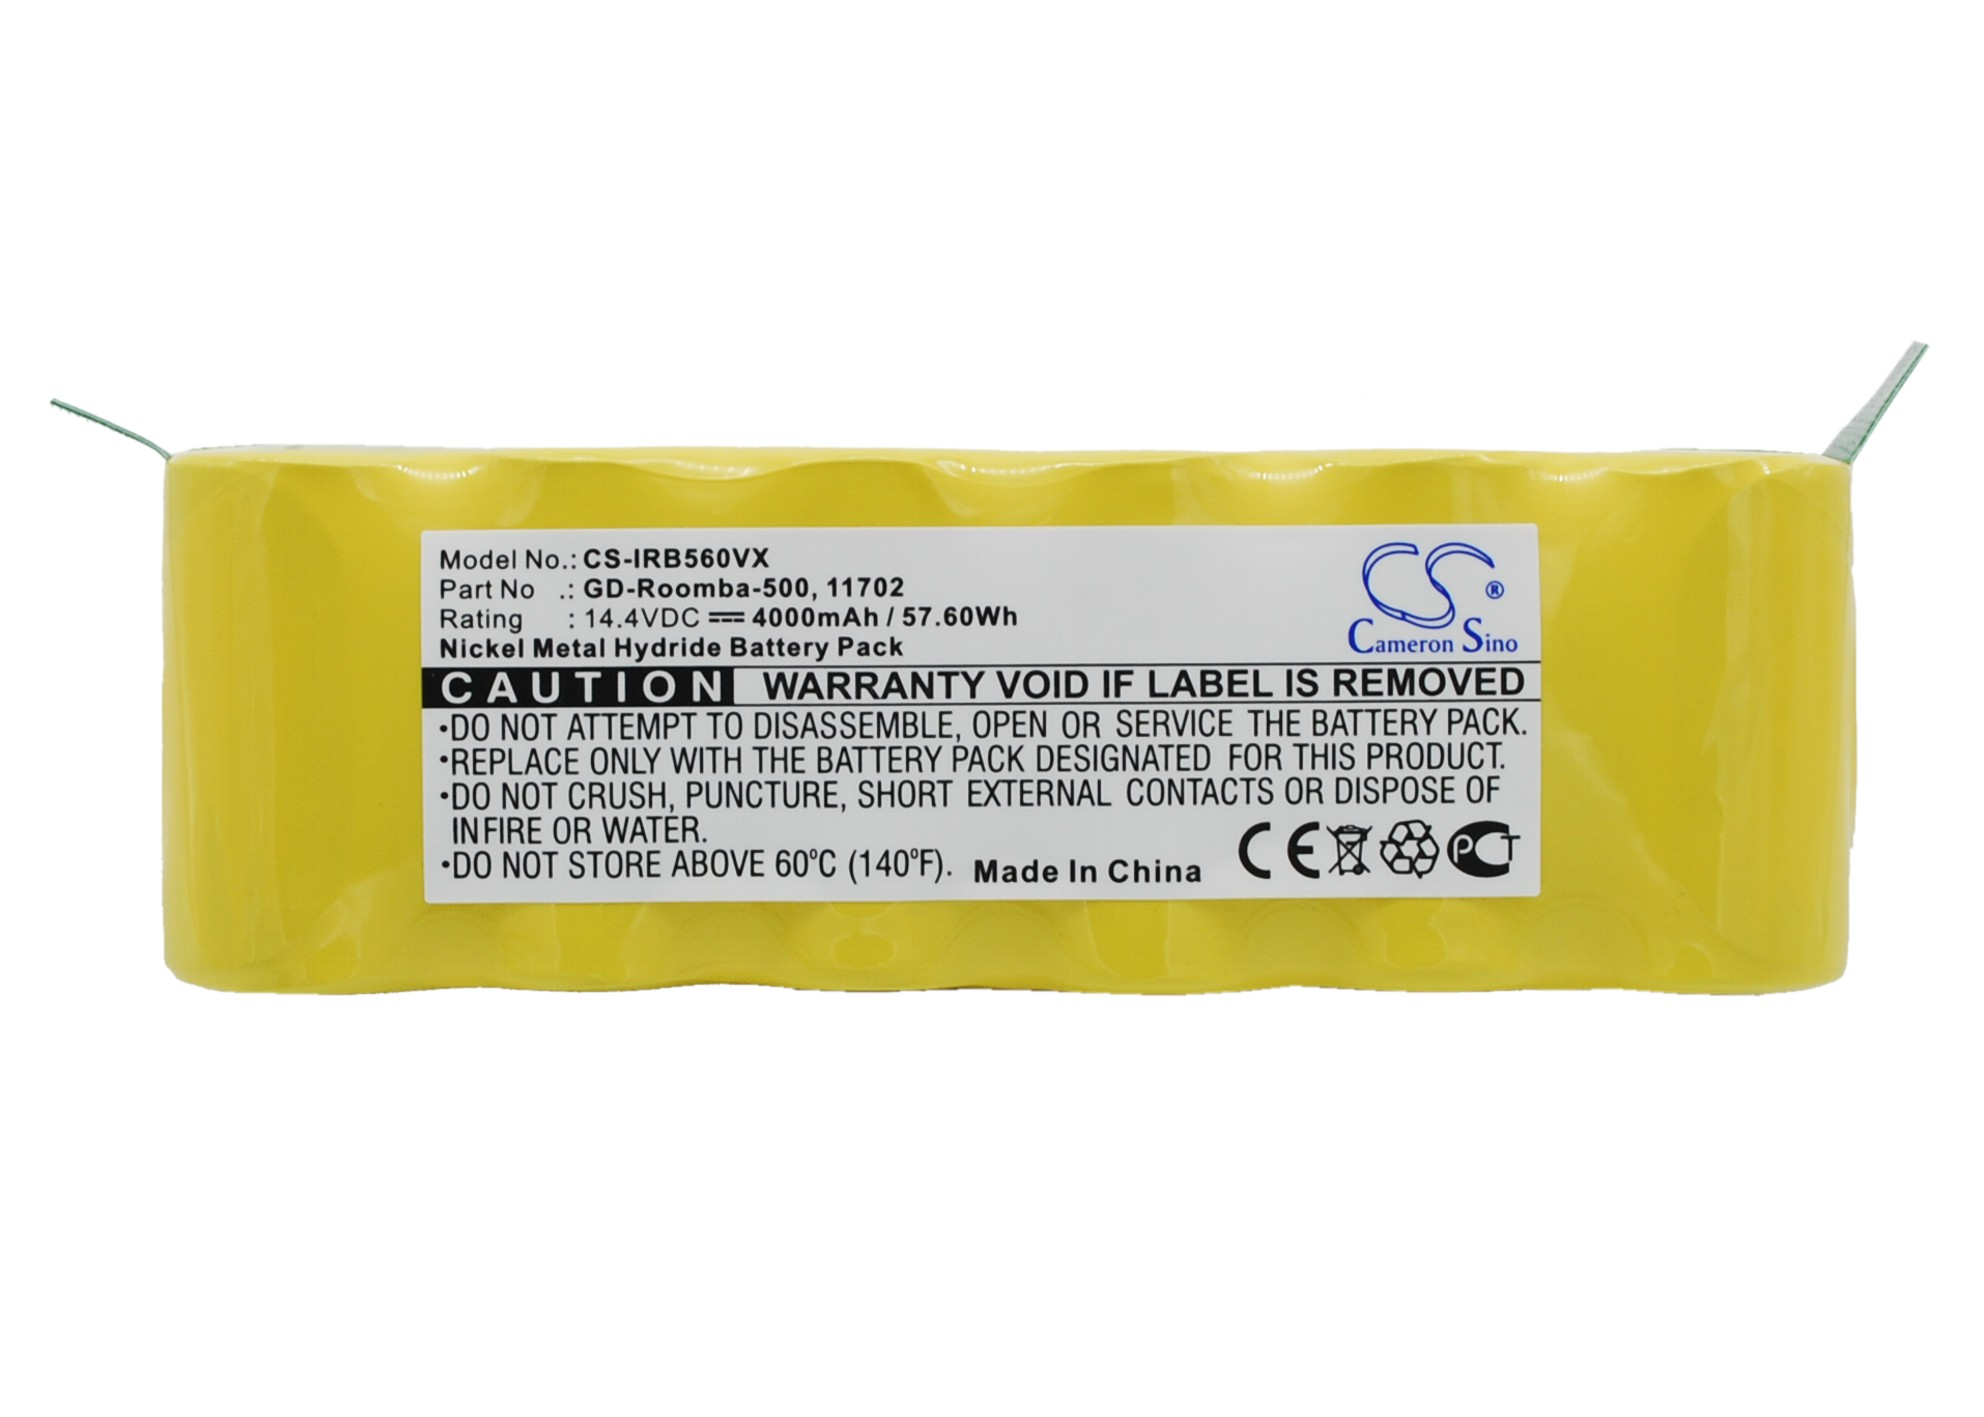 Cameron Sino baterie do vysavačů pro IROBOT Roomba 500 14.4V Ni-MH 4000mAh žlutá - neoriginální